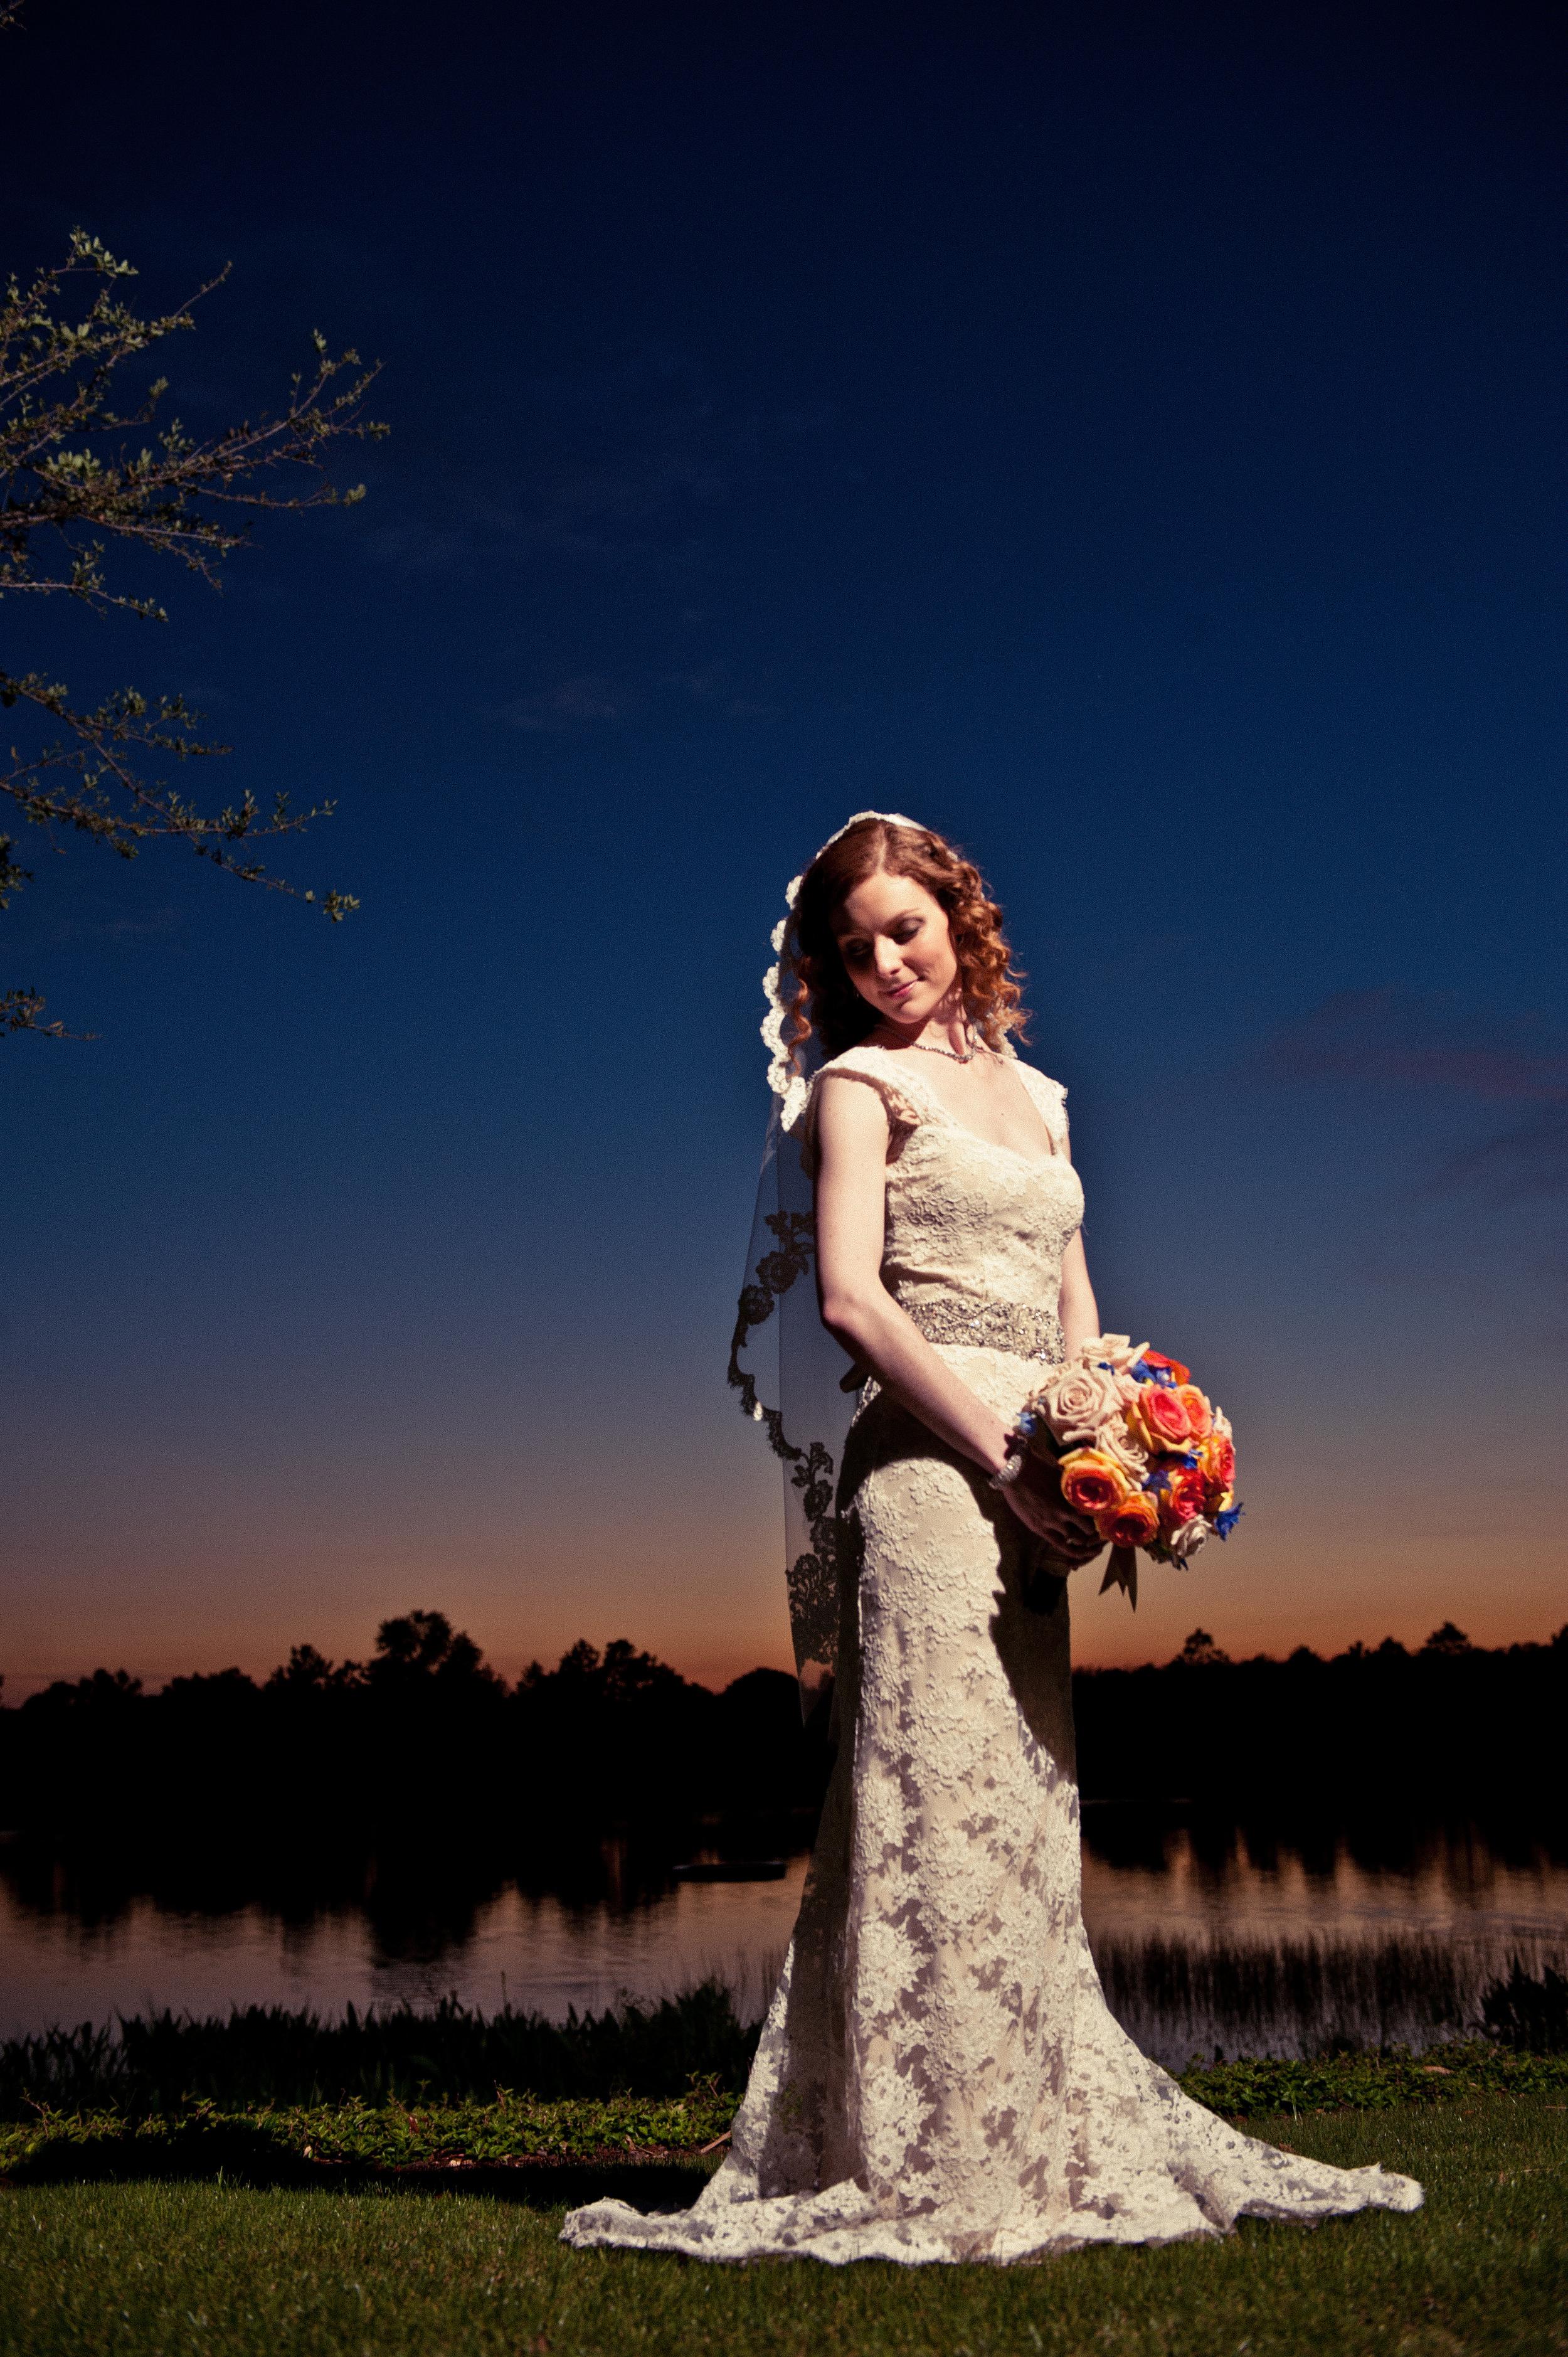 Wedding-0472-(ZF-8051-82656-1-472).jpg